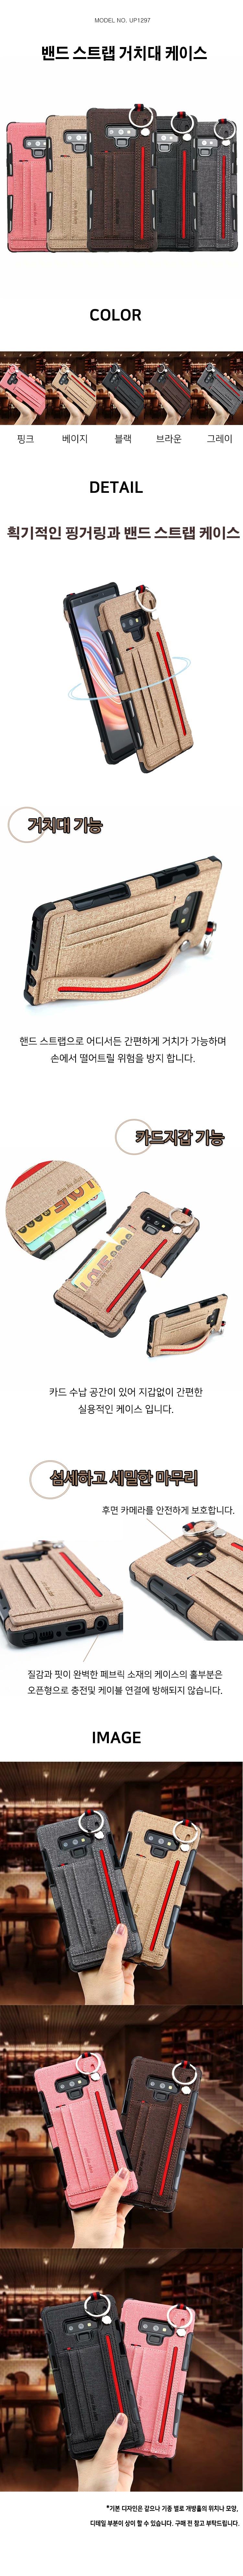 갤럭시S10 5G S9 S8플러스 노트9 8 카드 스트랩케이스 - 유니커블, 11,800원, 케이스, 갤럭시S10